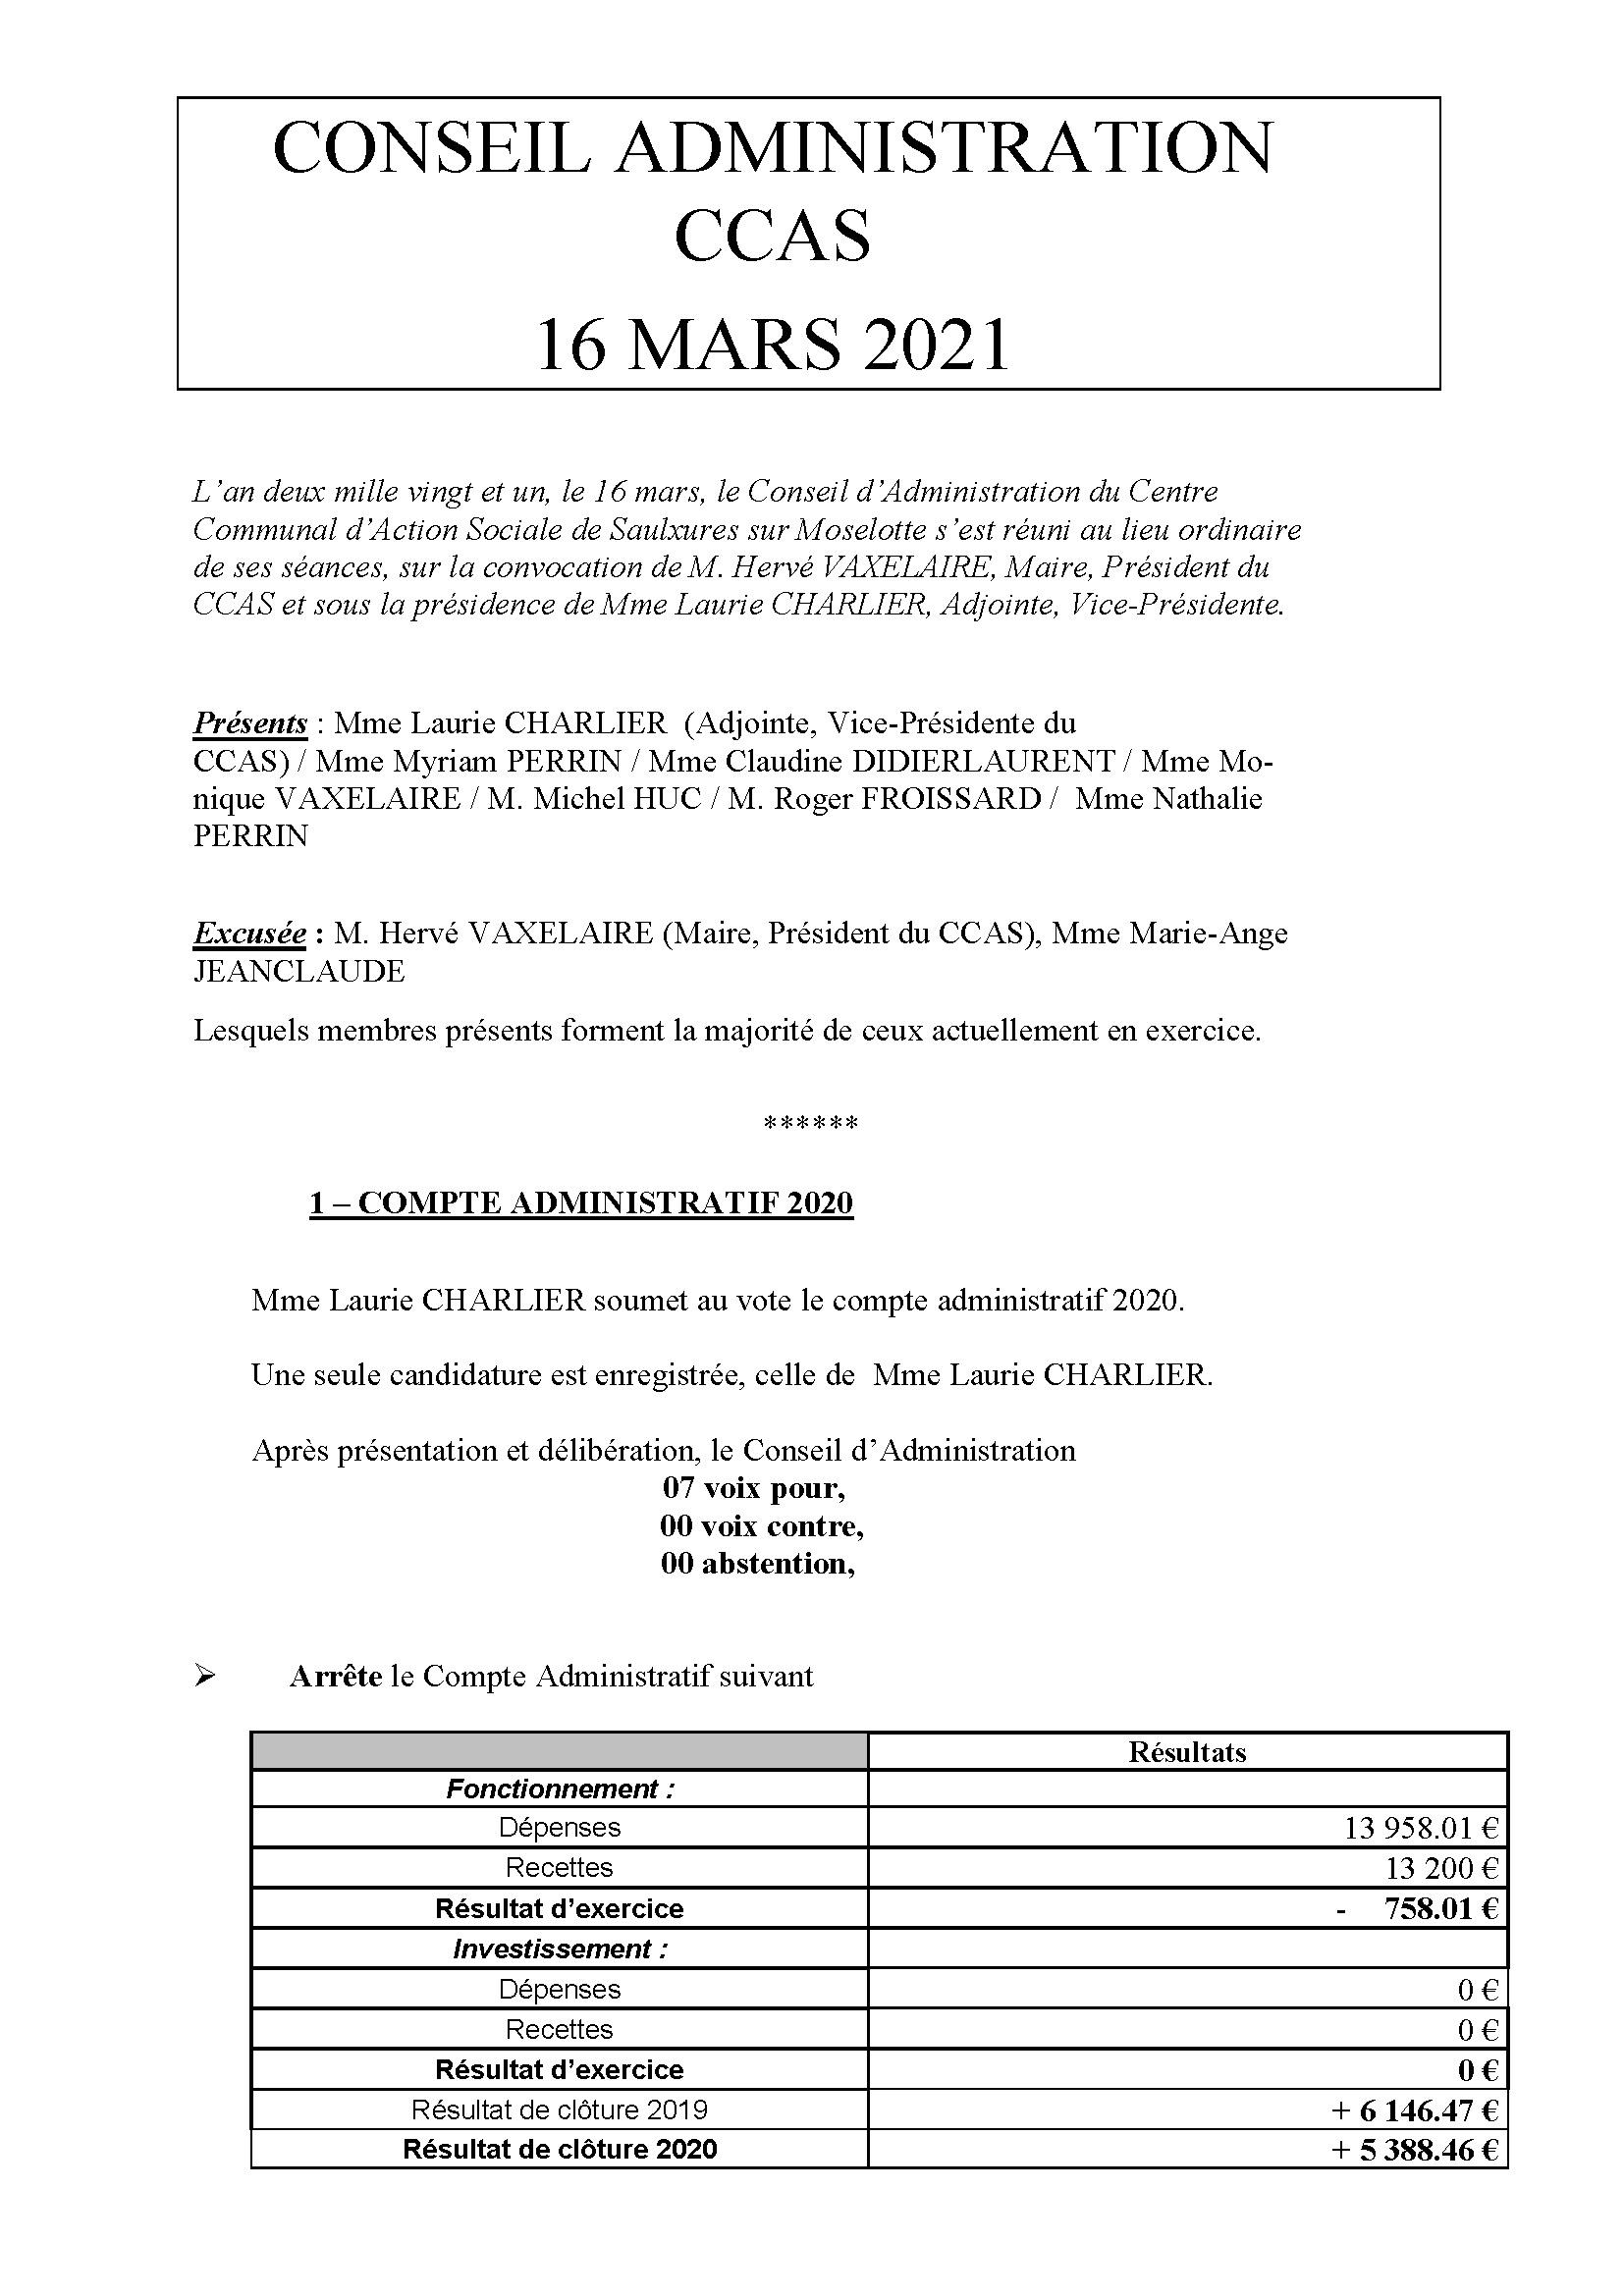 COMPTE RENDU CCAS 16 MARS2021